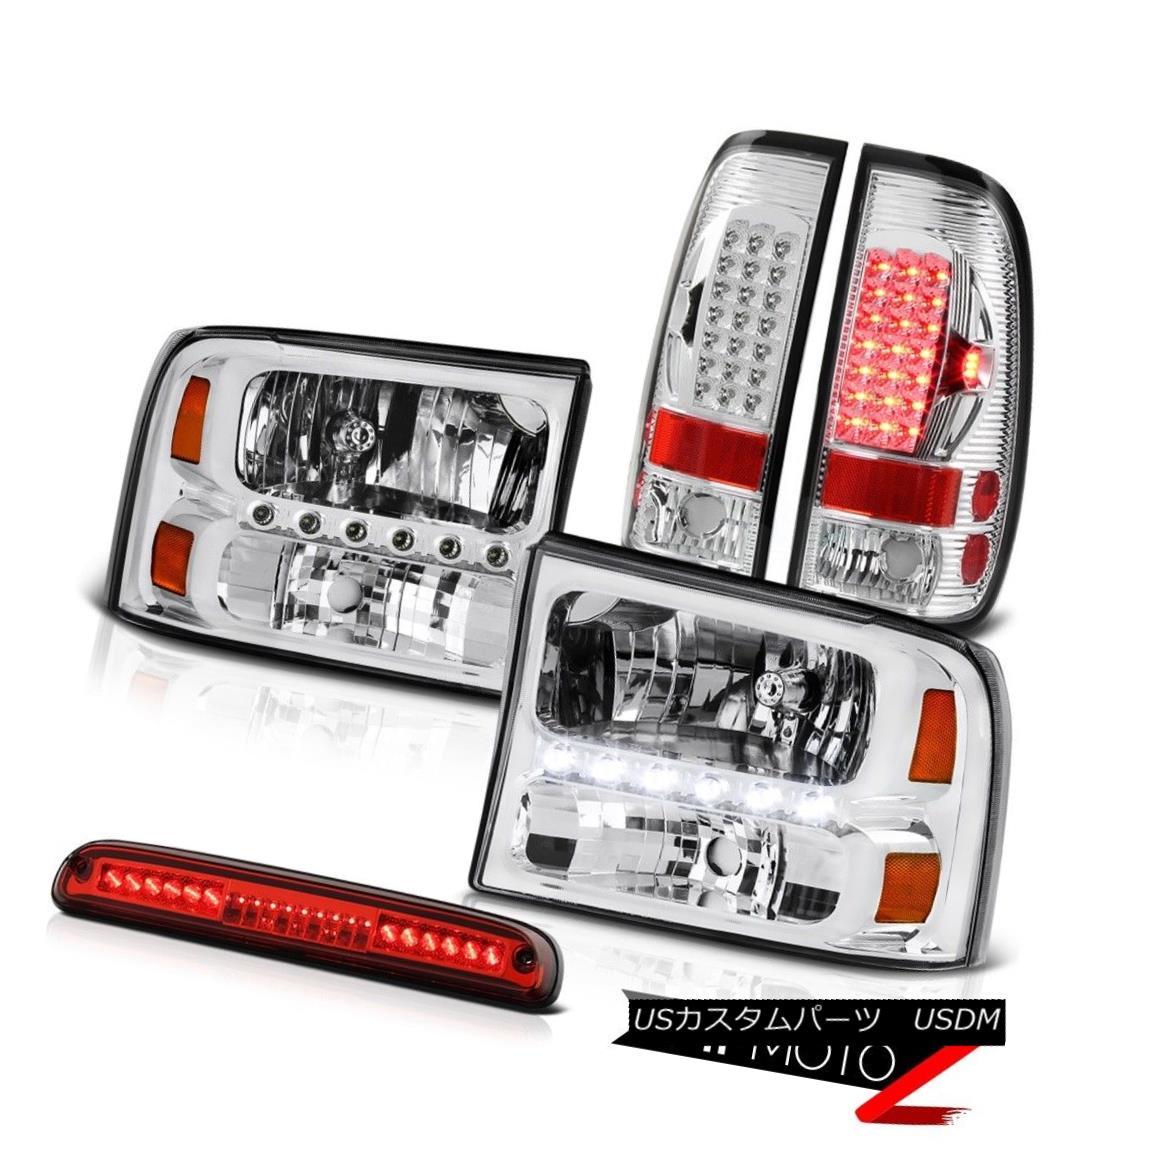 ヘッドライト 1999-2004 F250 7.3L Left Right HeadLights SMD Tail Lights Third Brake Red LED 1999-2004 F250 7.3L左ライトヘッドライトSMDテールライト第3ブレーキ赤LED